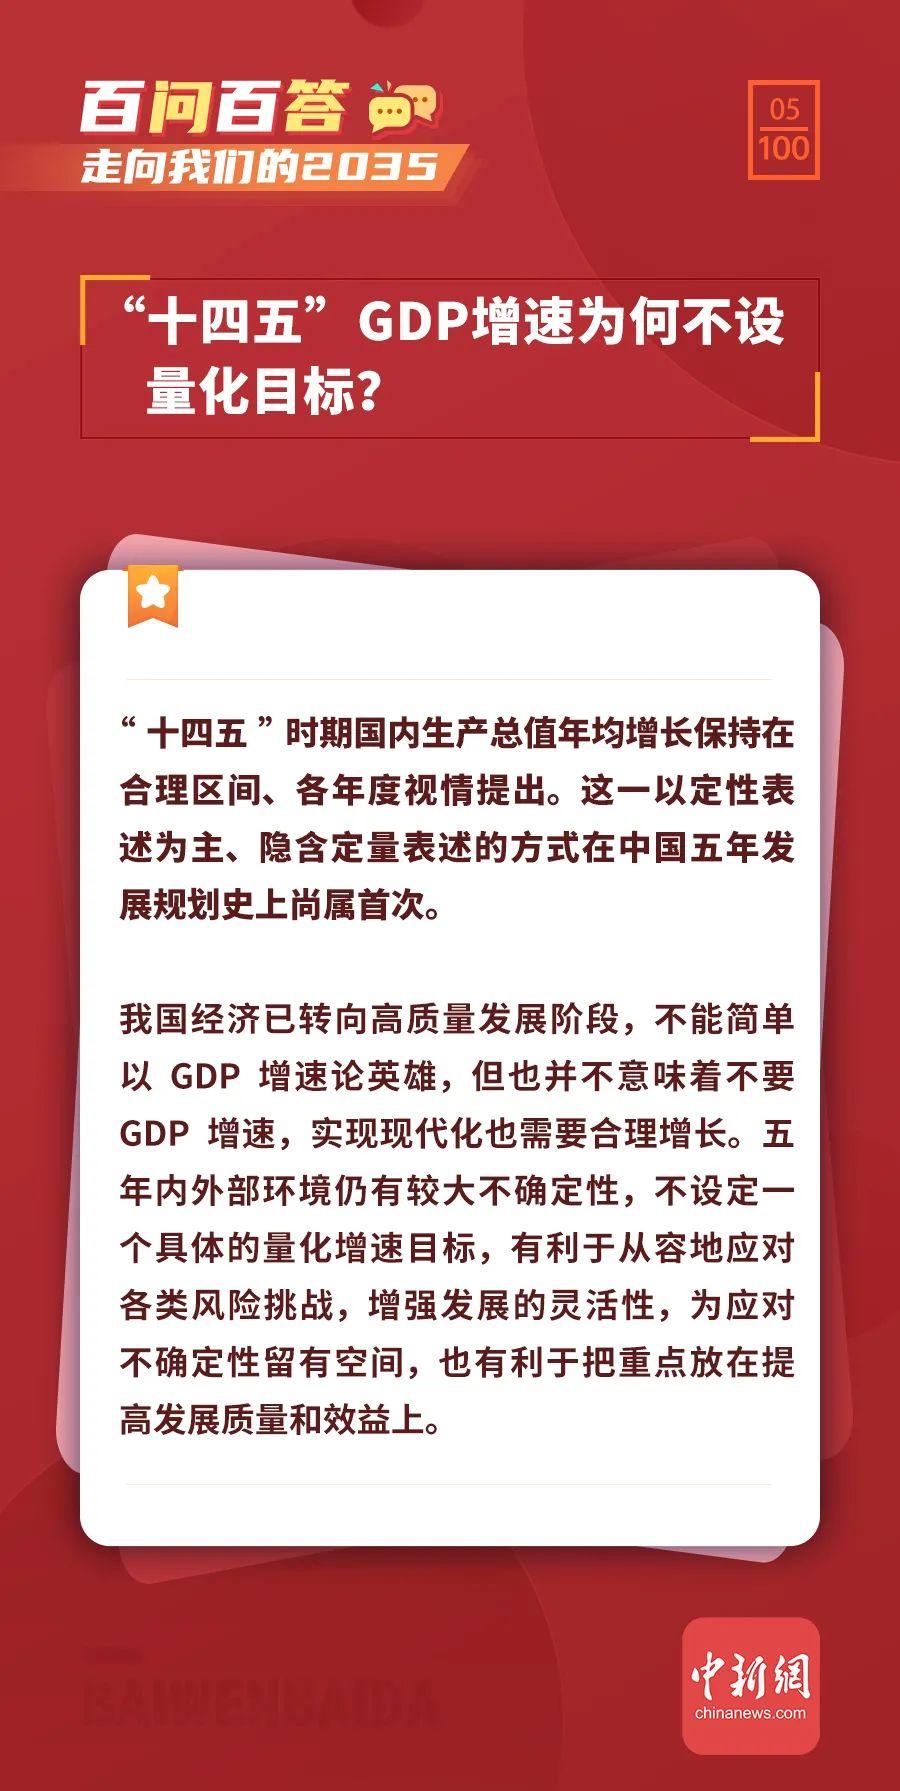 开封十四五gdp增速_十四五 GDP增速为何不设量化目标